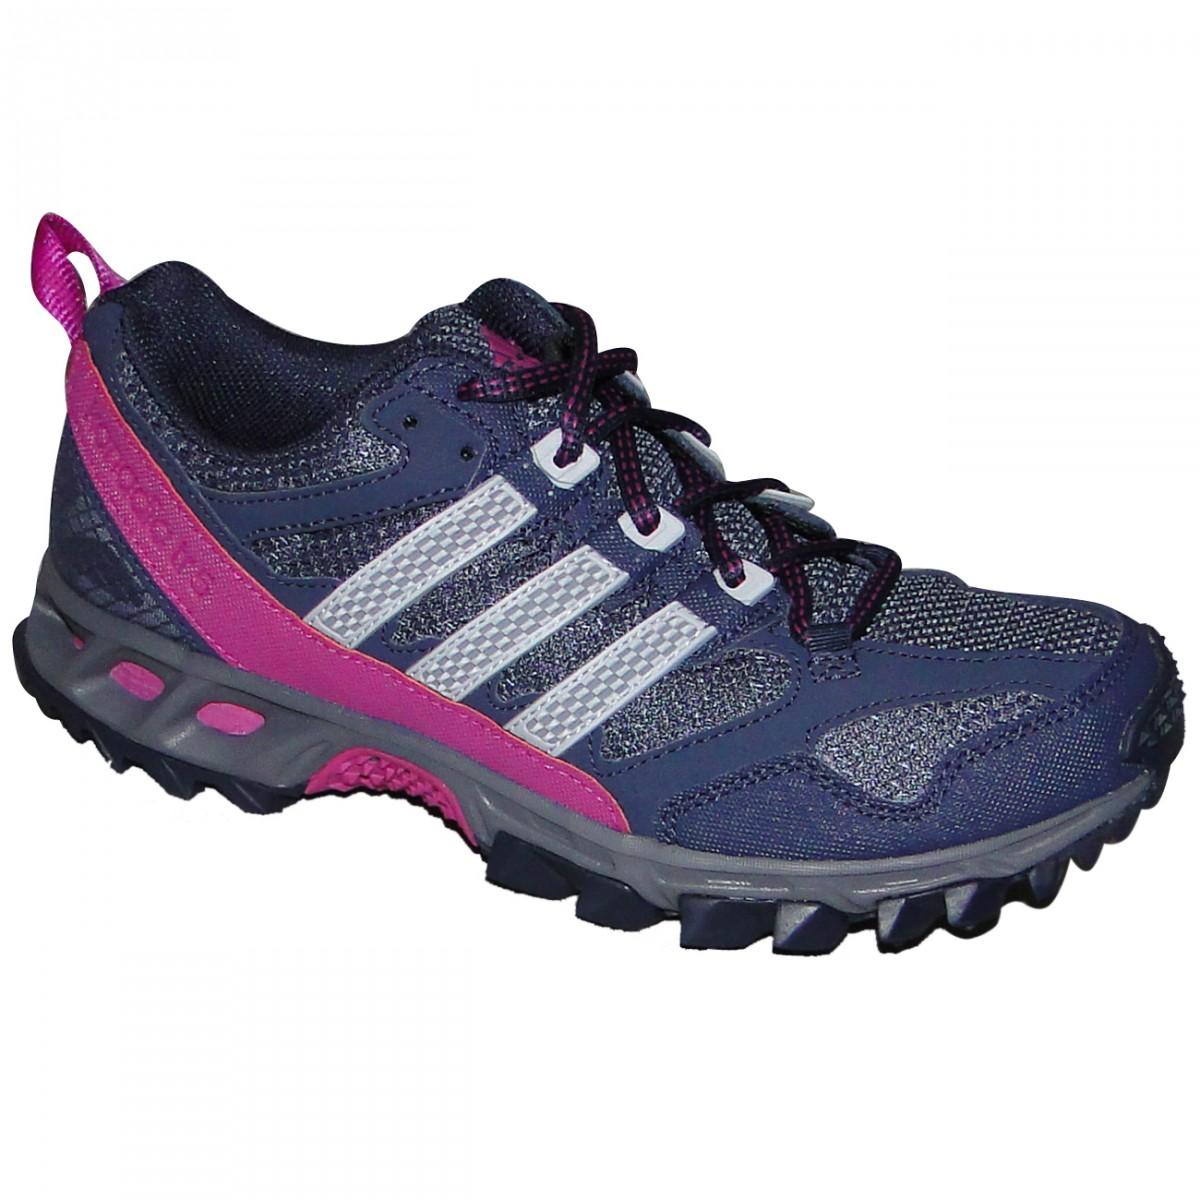 f3b909c791b Tenis Adidas Kanadia 5 Tr Q22381 - Chumbo Pink - Chuteira Nike ...